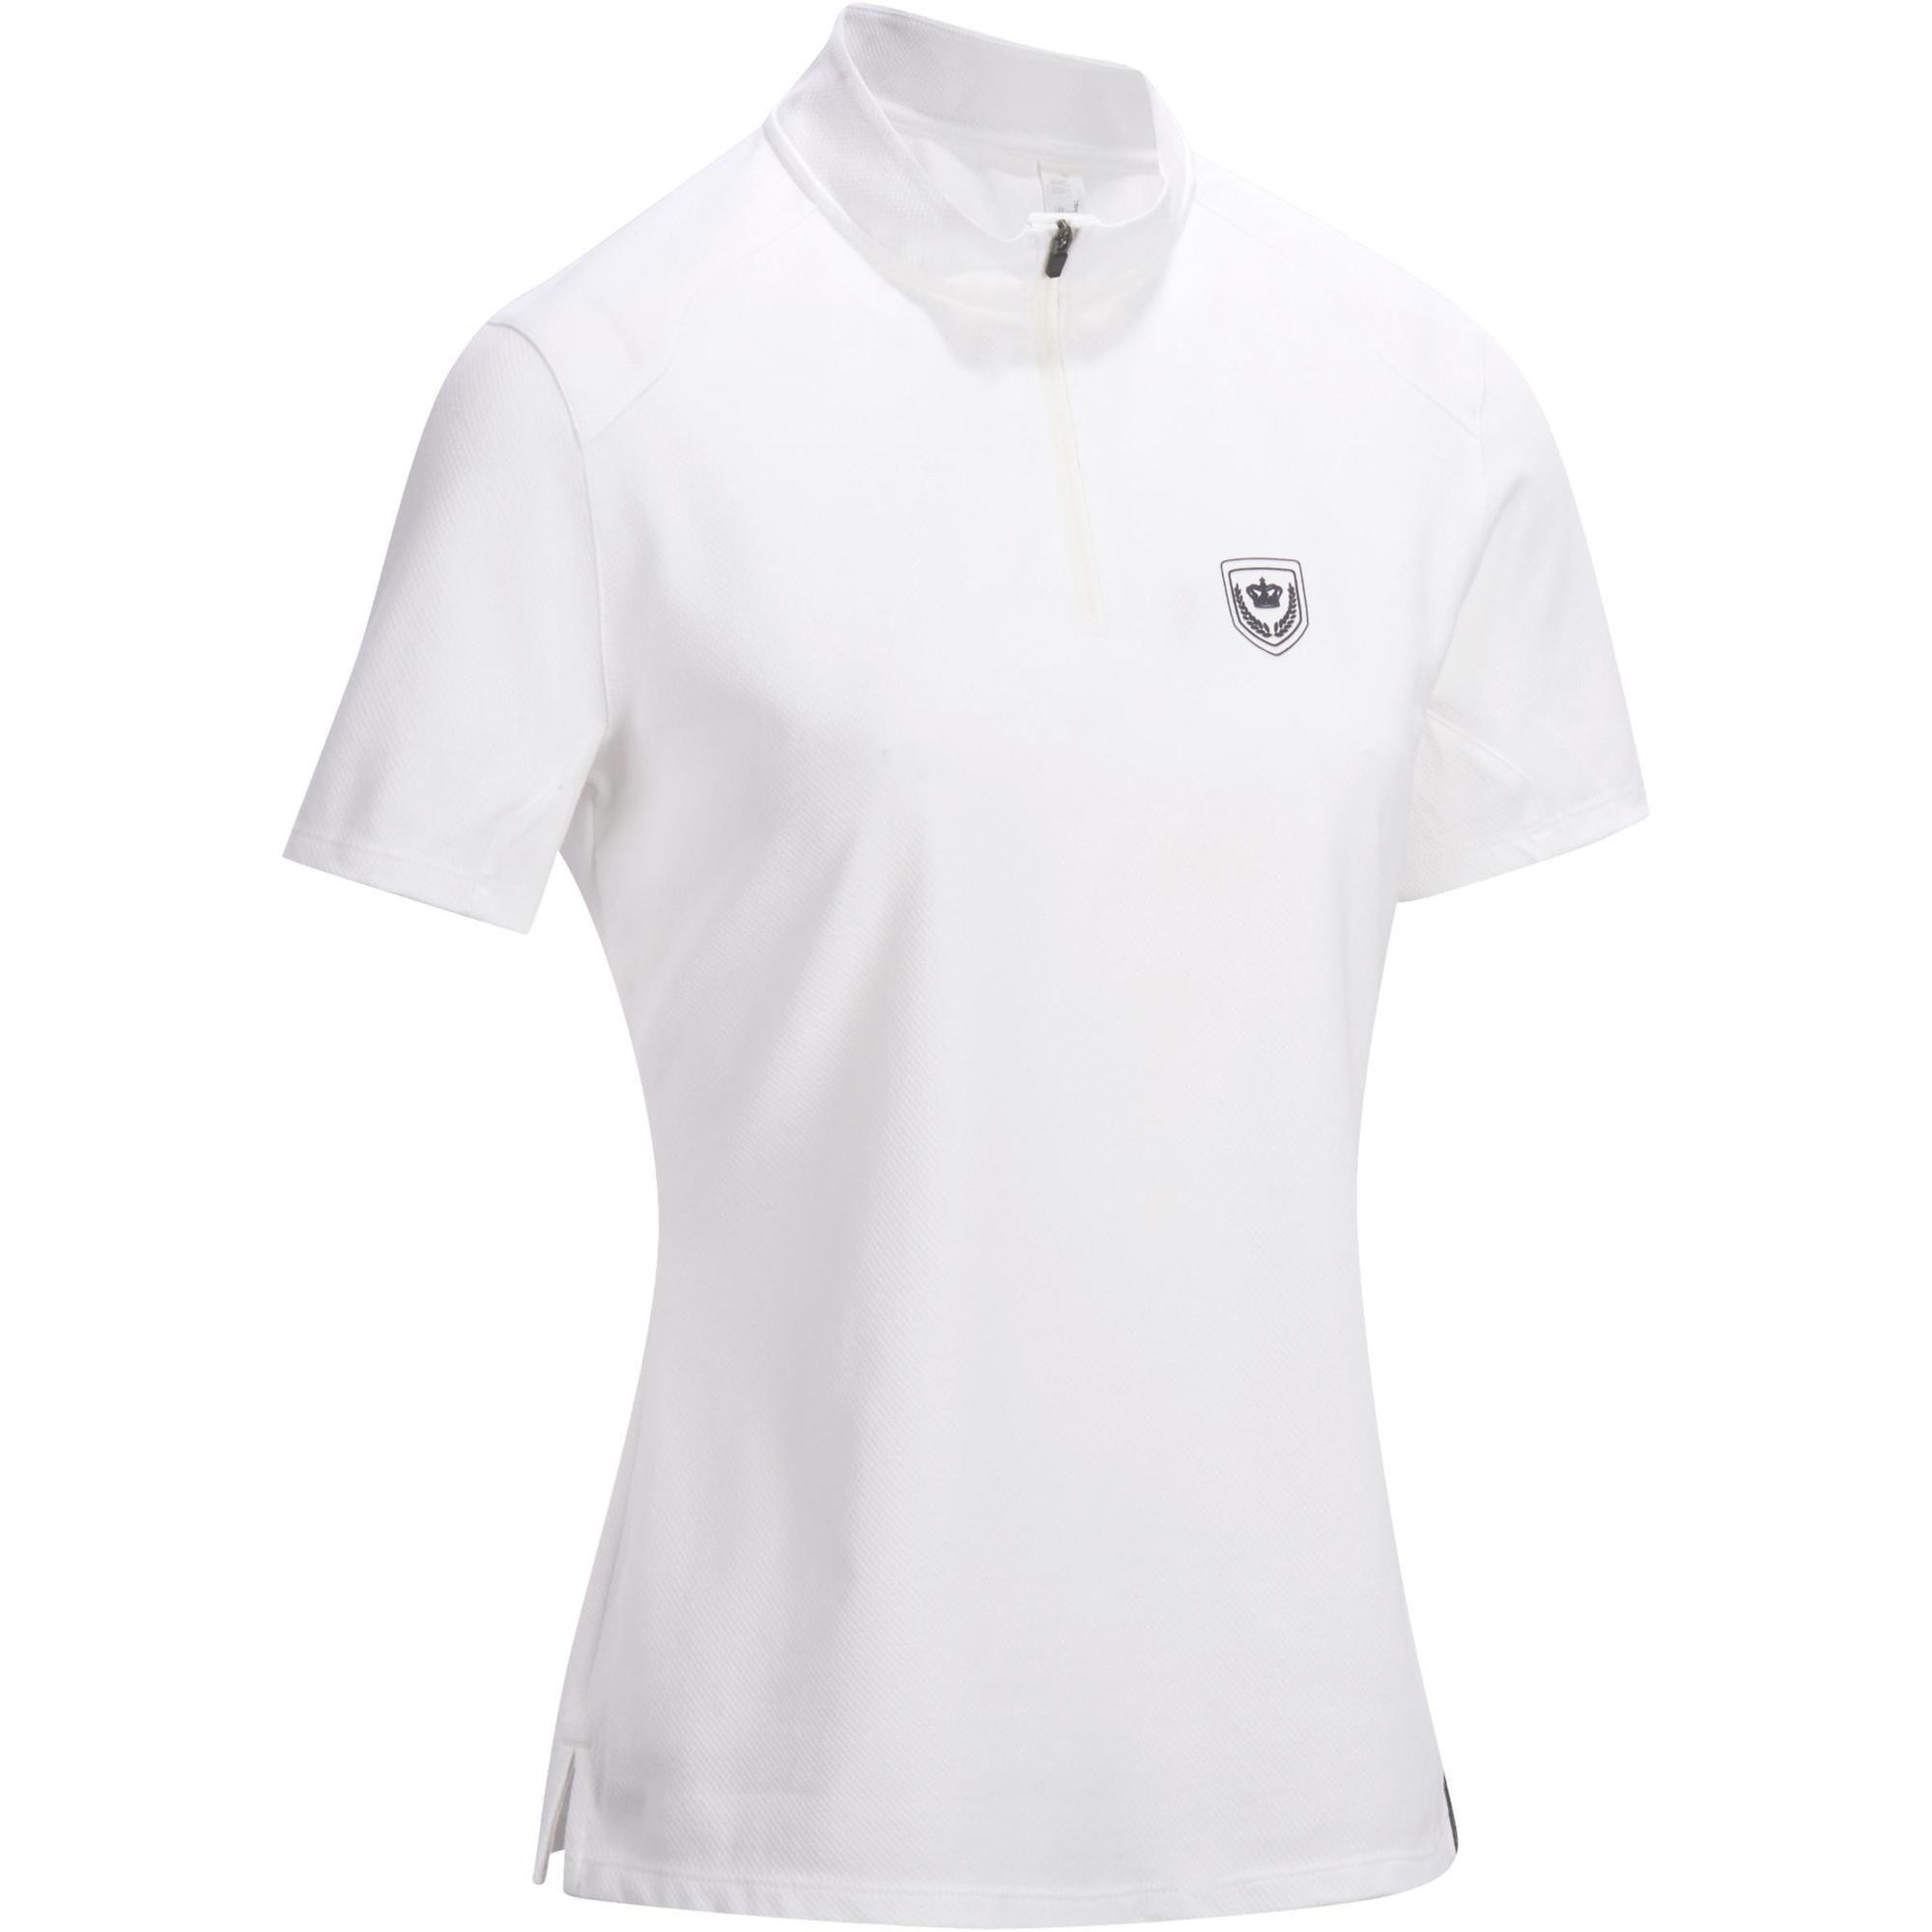 Reit-Poloshirt Kurzam 500 Turnier Damen weiß